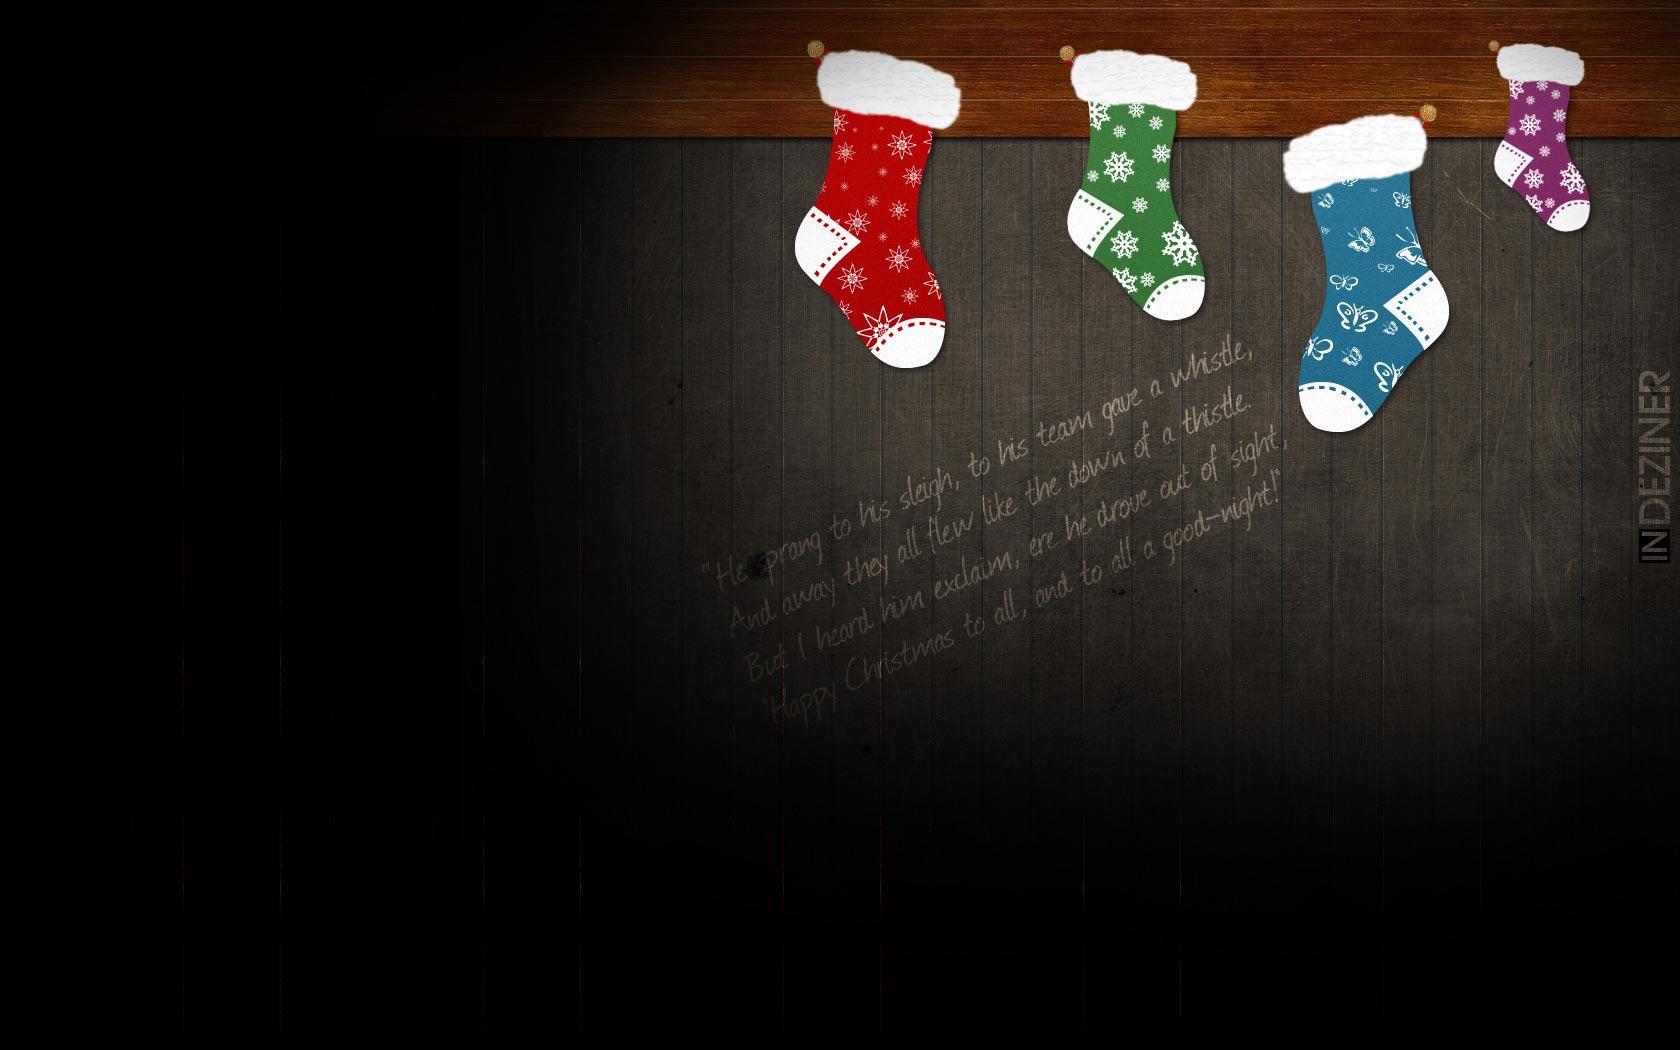 Sfondo Natalizio - Sfondo natalizio calze Natale